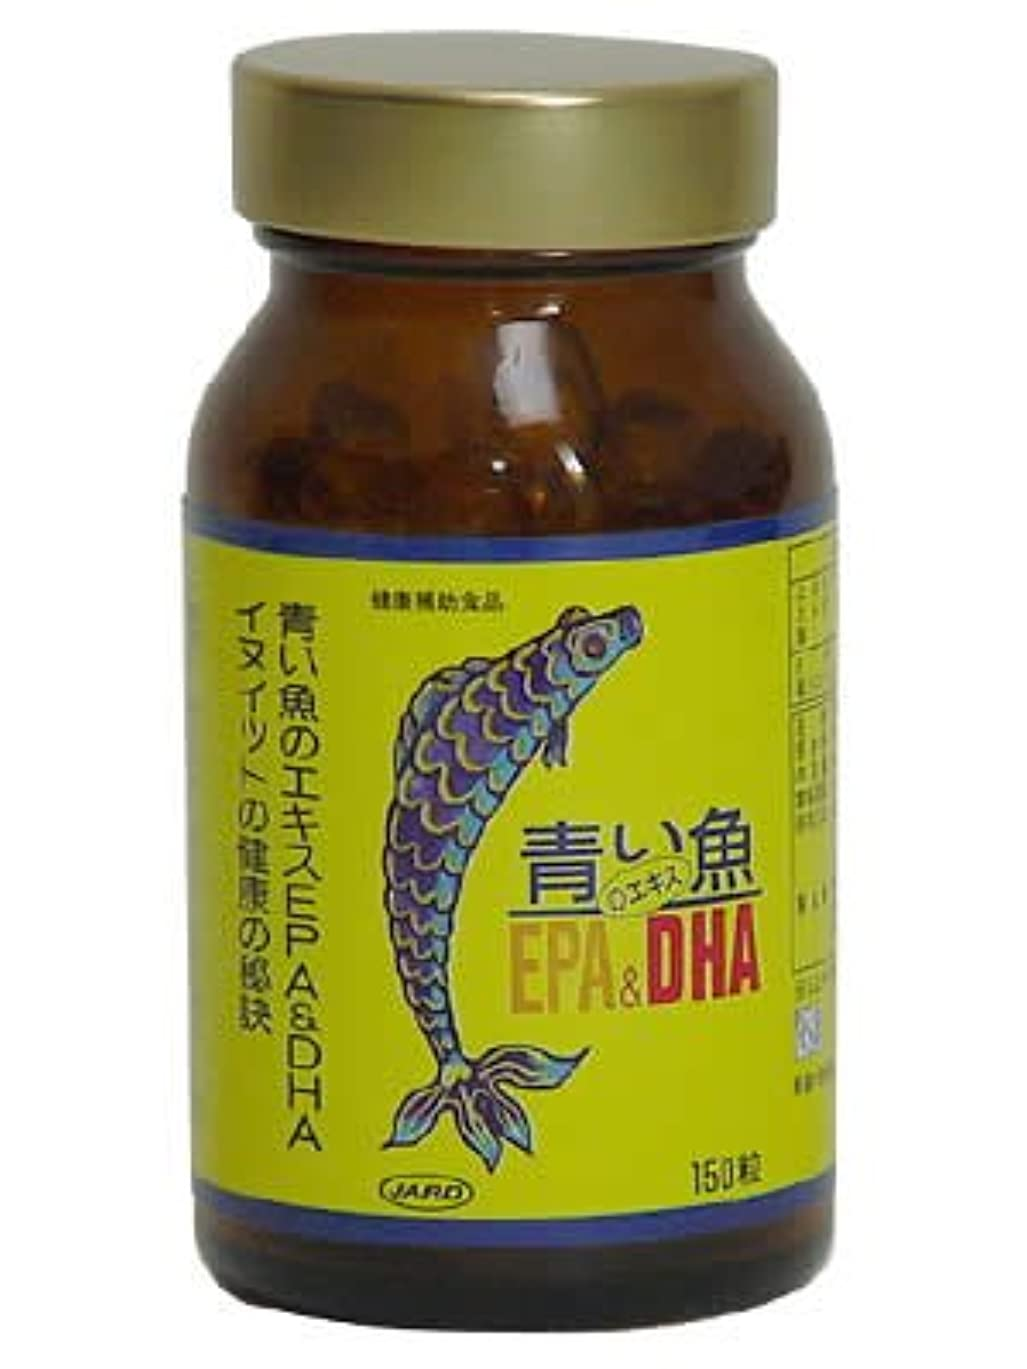 溶けるエスカレータームス青い魚のエキス EPA&DHA 150粒